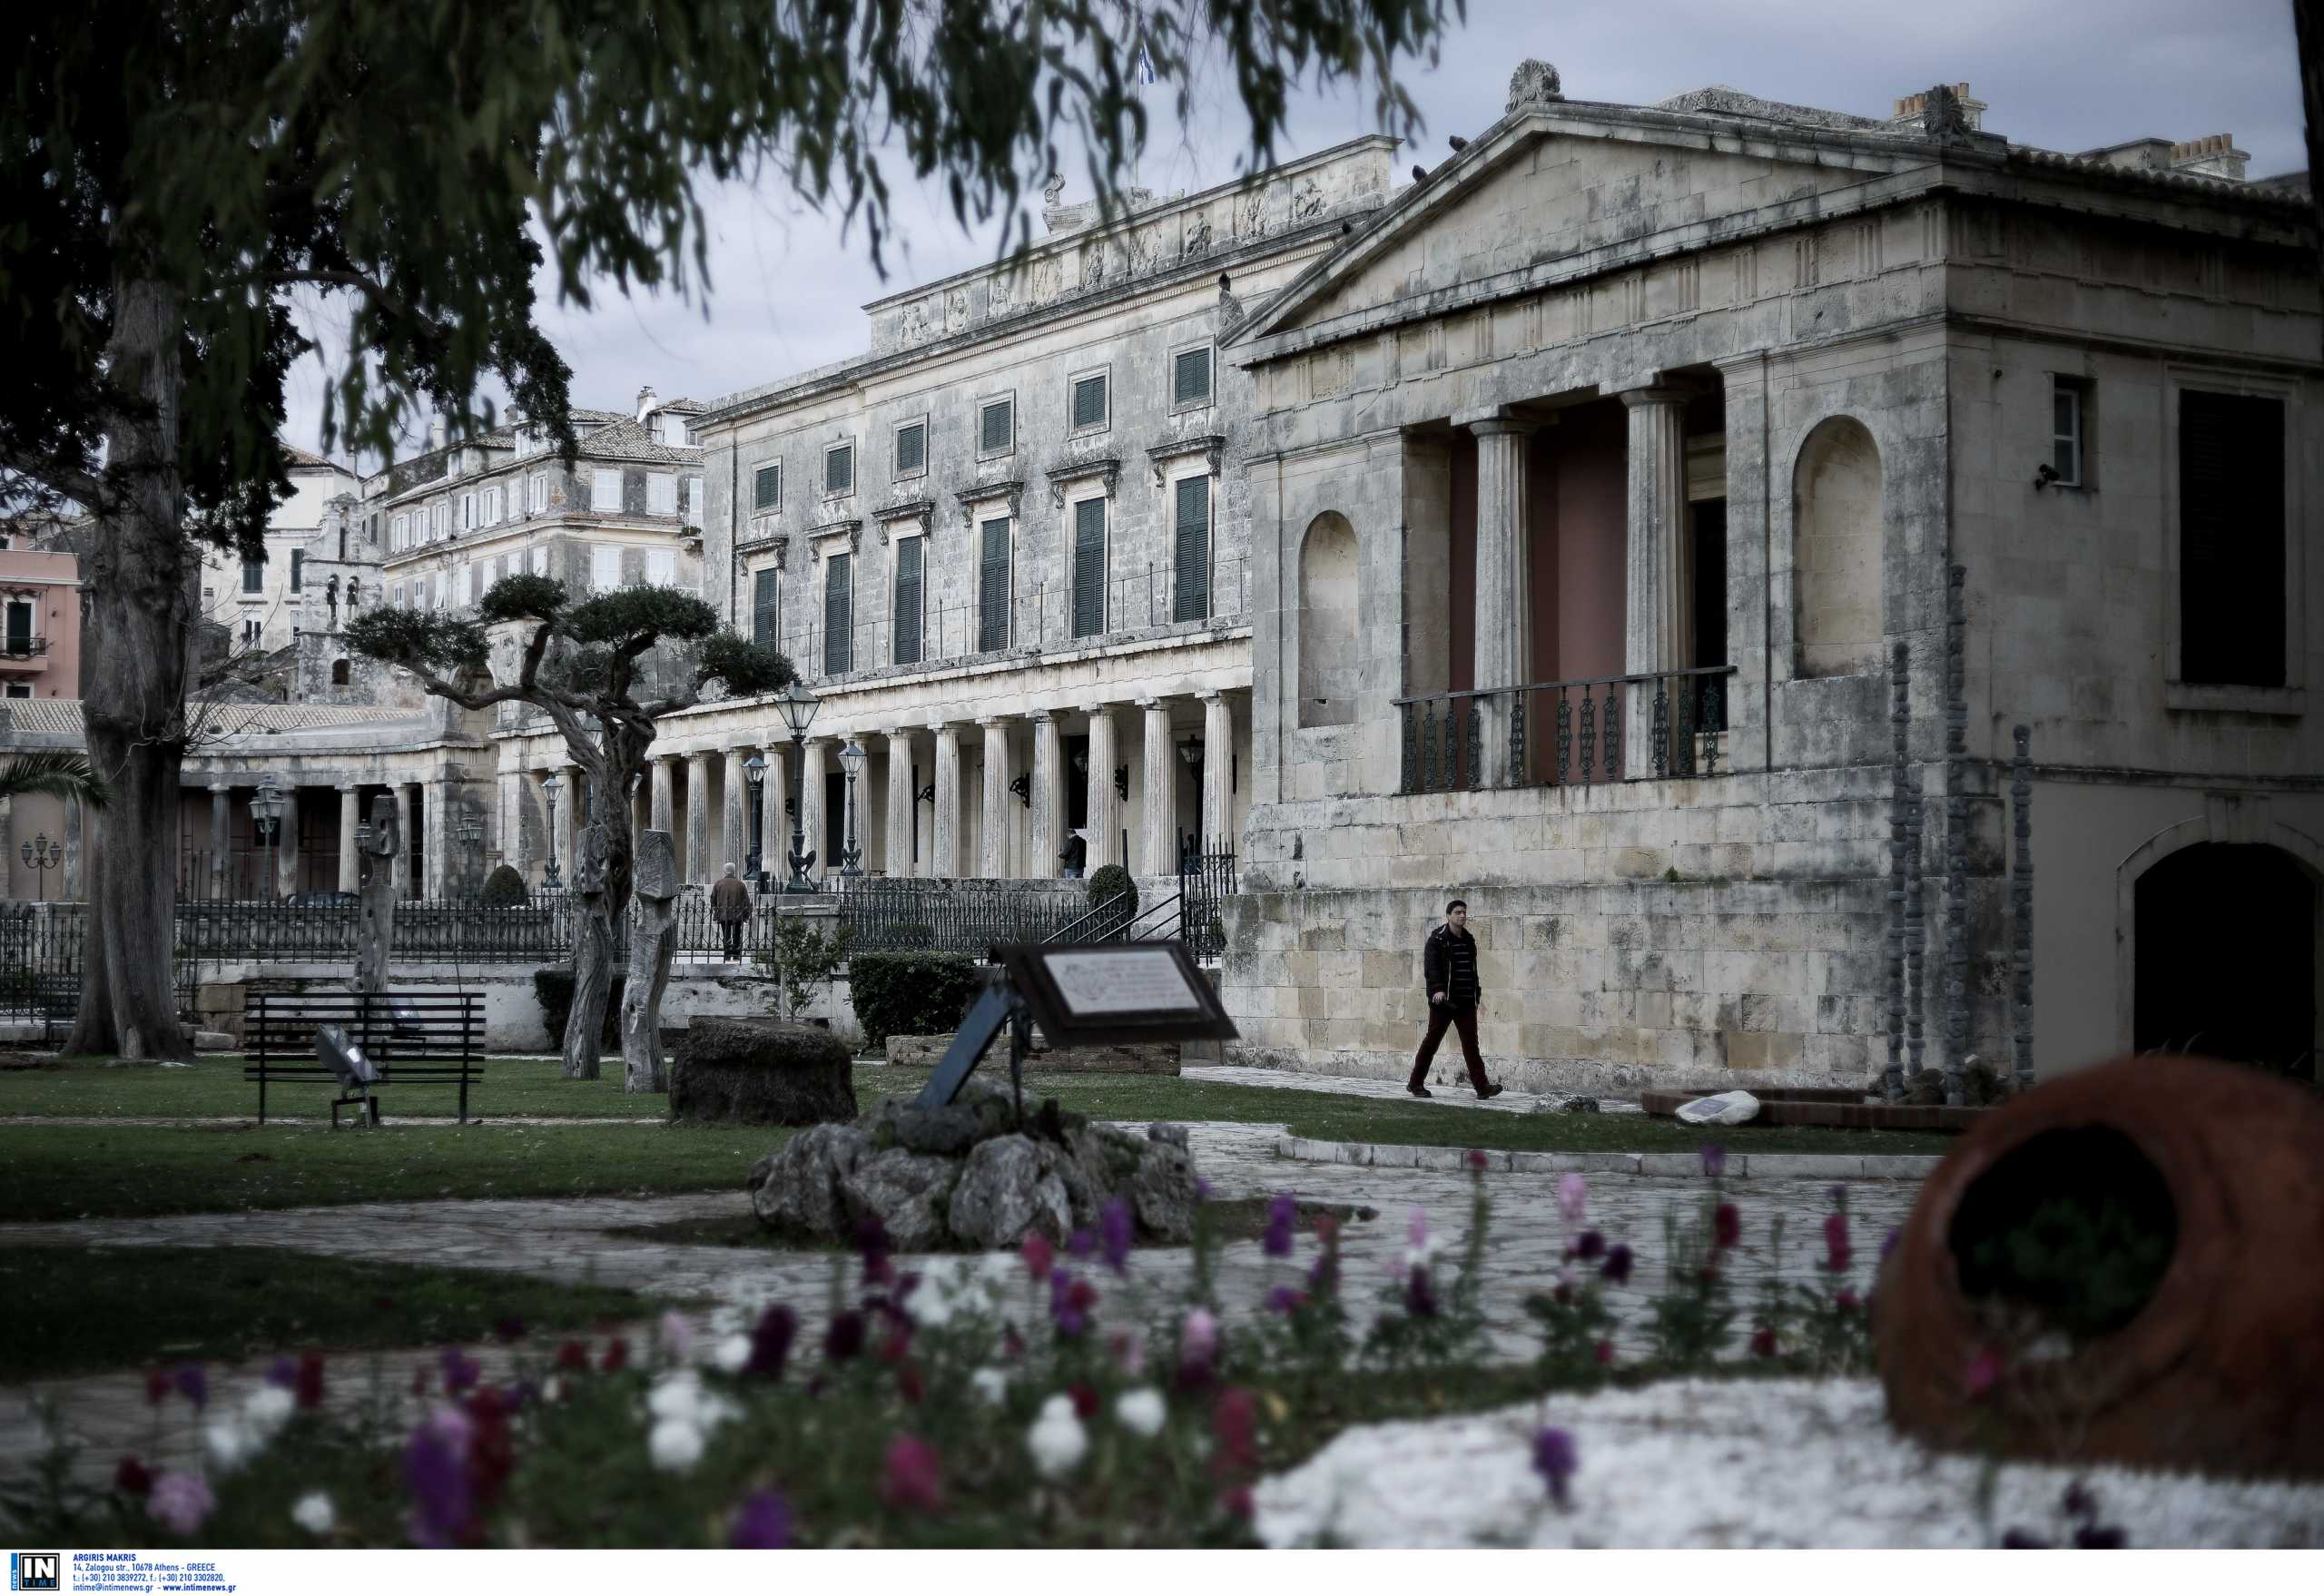 Το ελληνικό νησί που έχει τη μεγαλύτερη πλατεία των Βαλκανίων